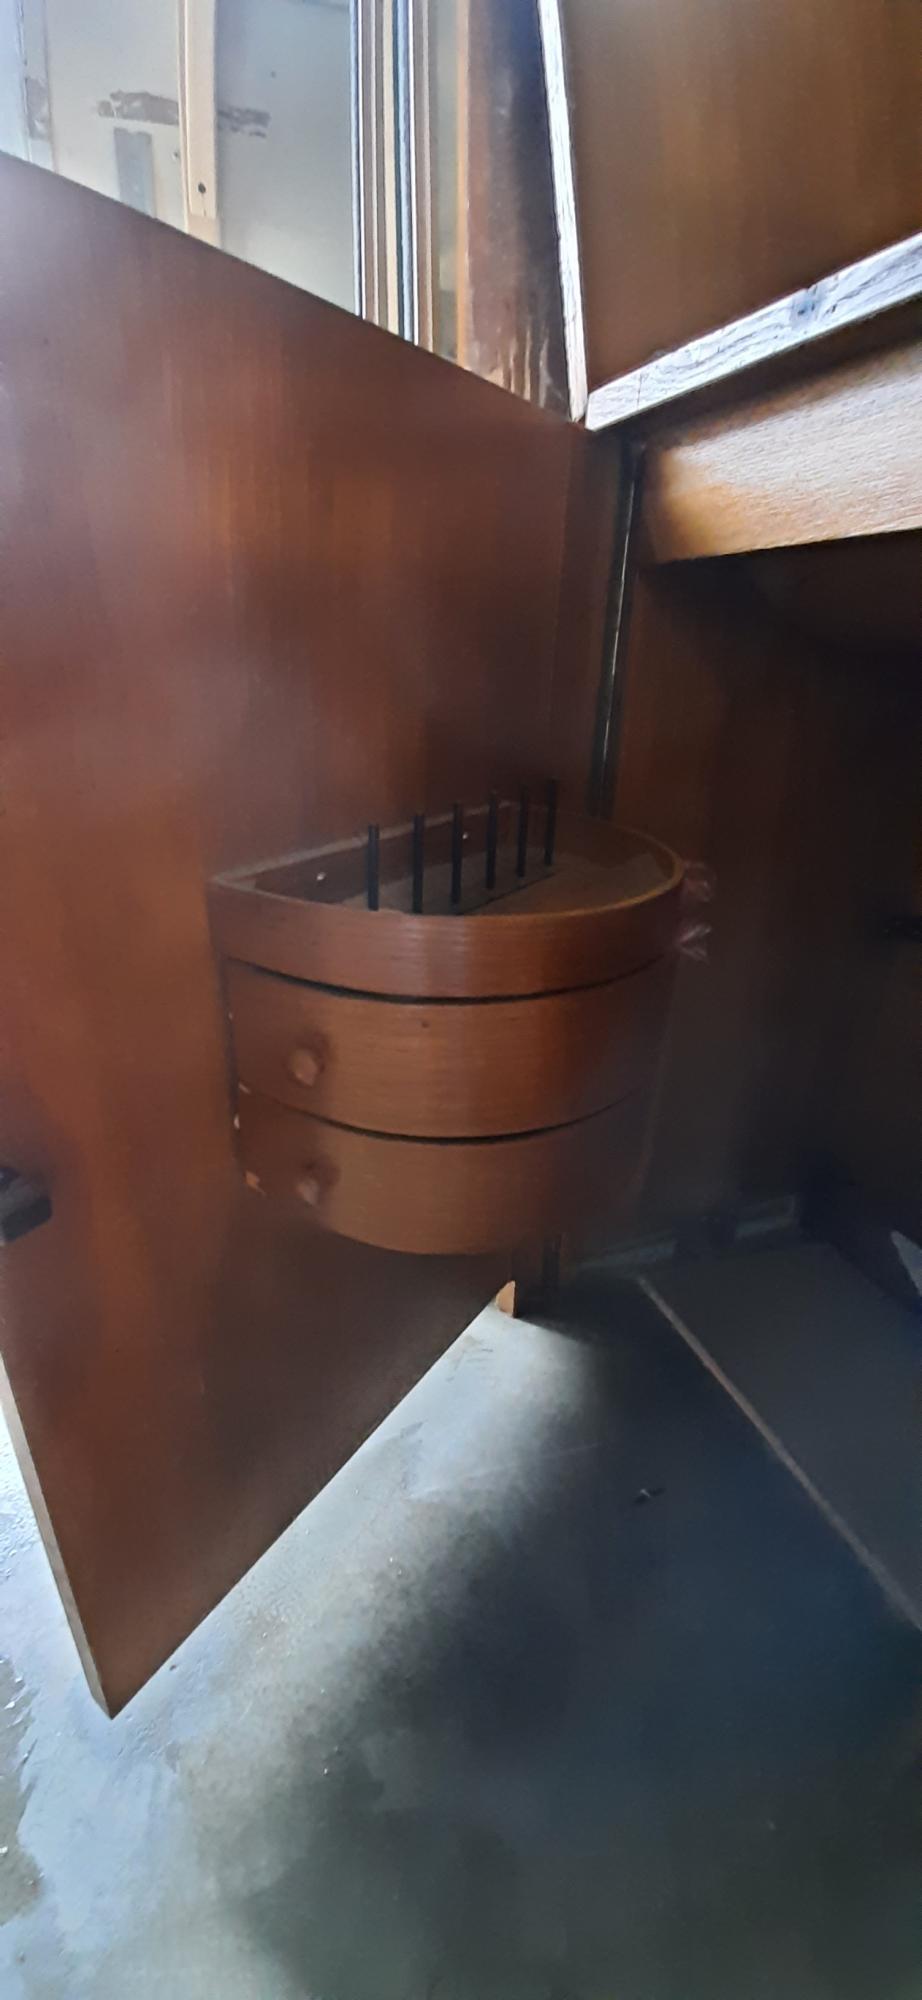 Швейная машинка ПМЗ в Москве 89299765583 купить 4